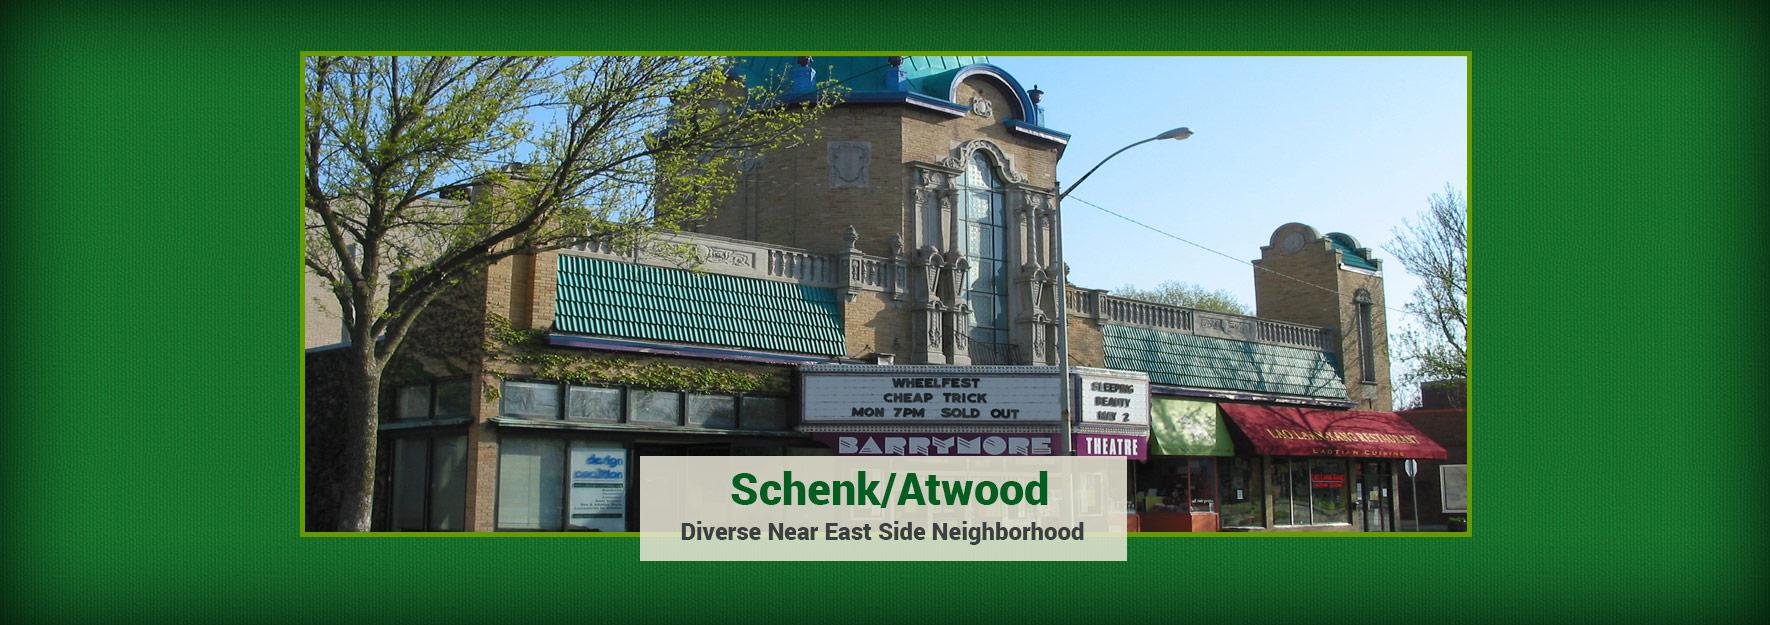 Schenk/Atwood Neighborhood